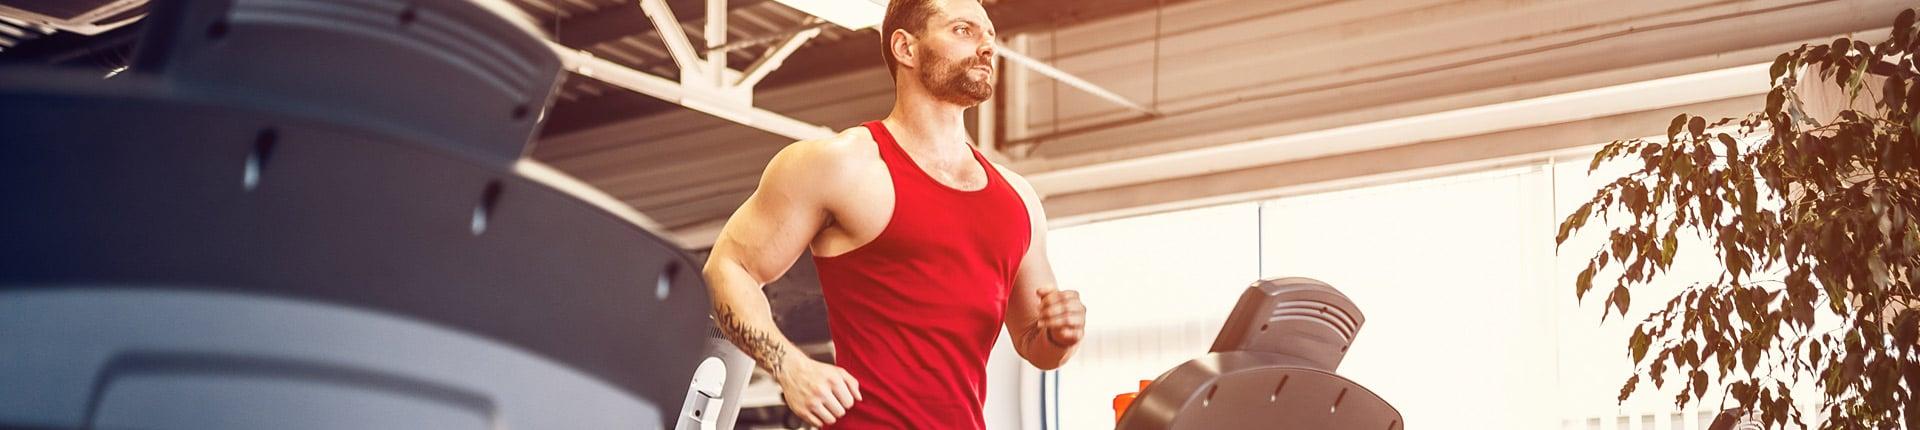 3 ćwiczenia, które niszczą Twoje kolana